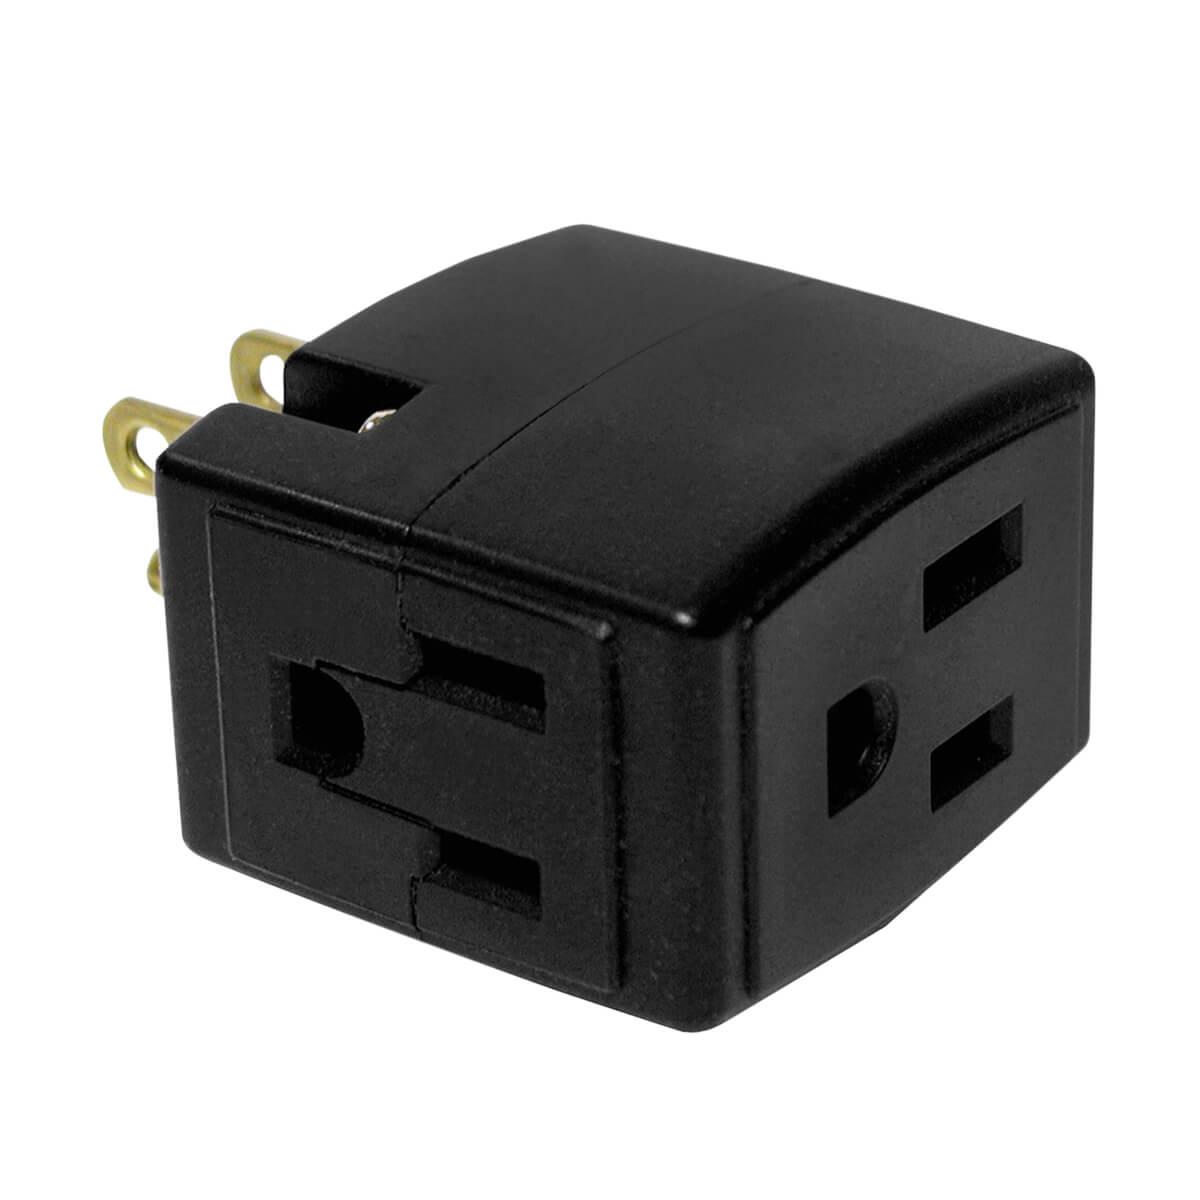 Leviton Plug - 3 Prong 3 Tap